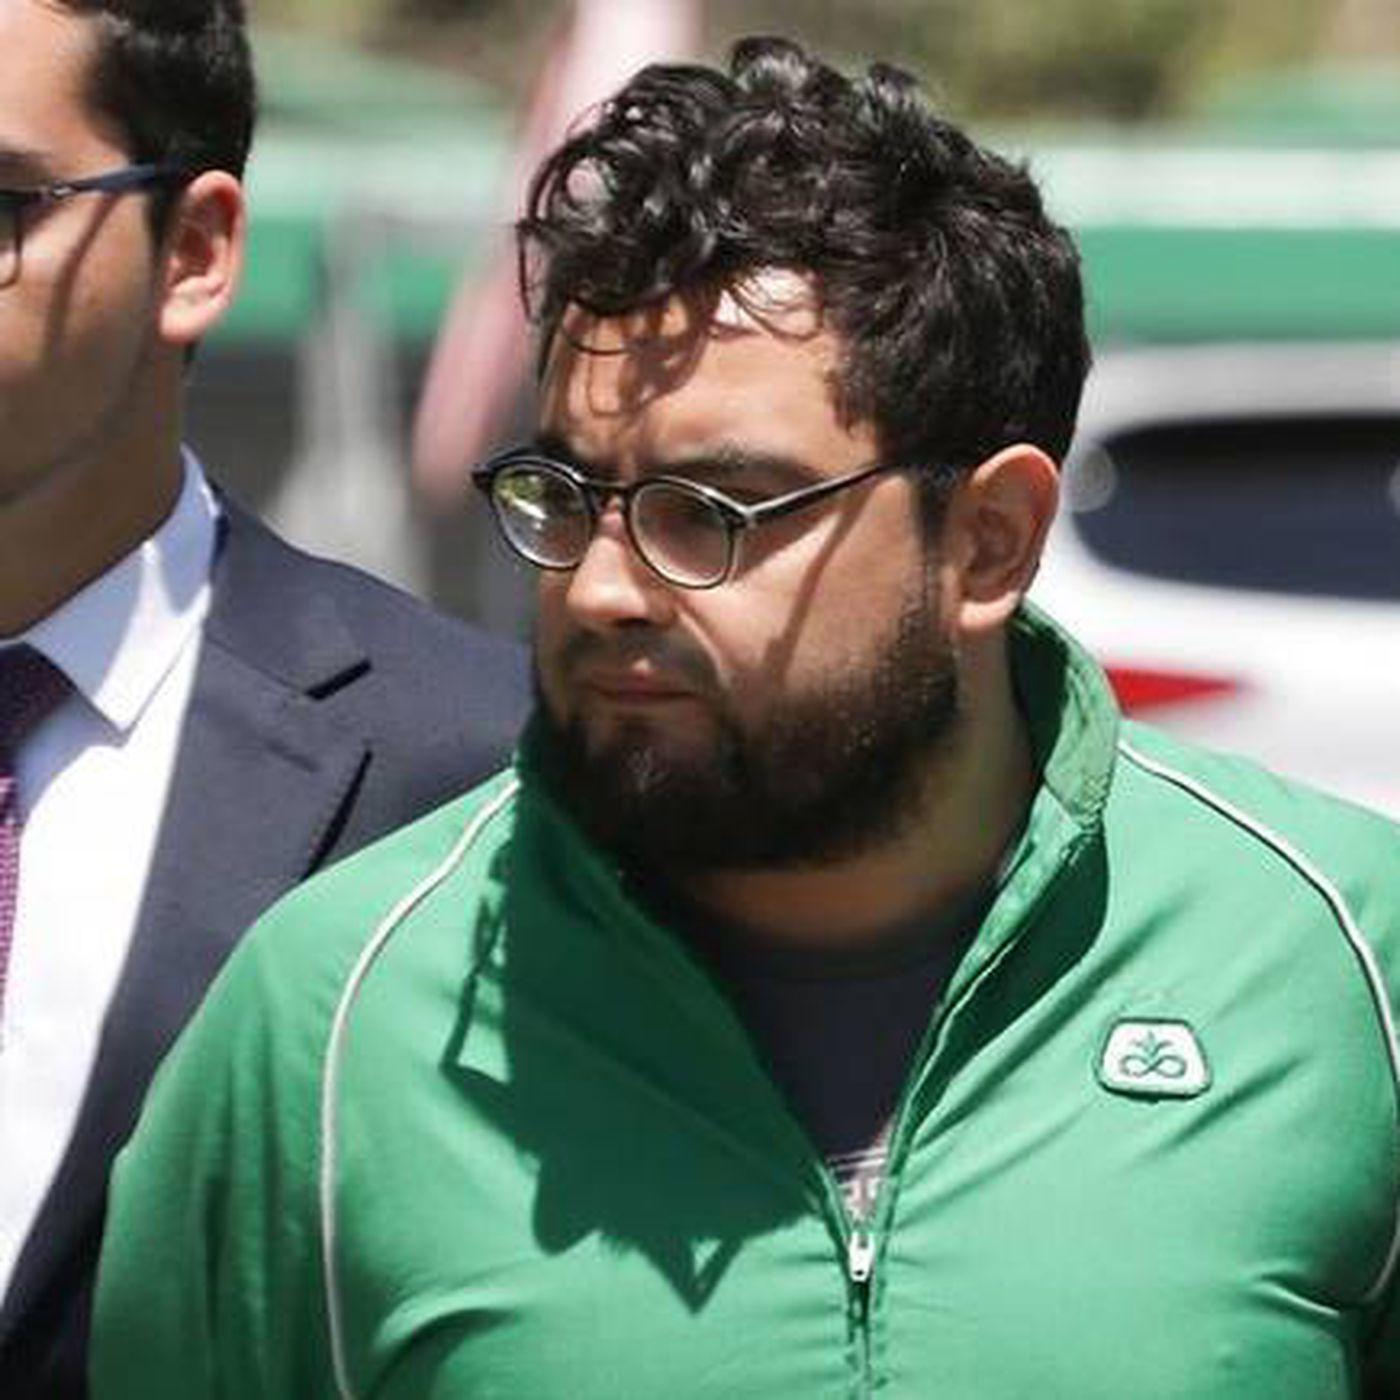 «Es espantoso que te arrebaten la libertad de forma tan intempestiva»: Profesor Roberto Campos tras 56 días de cárcel